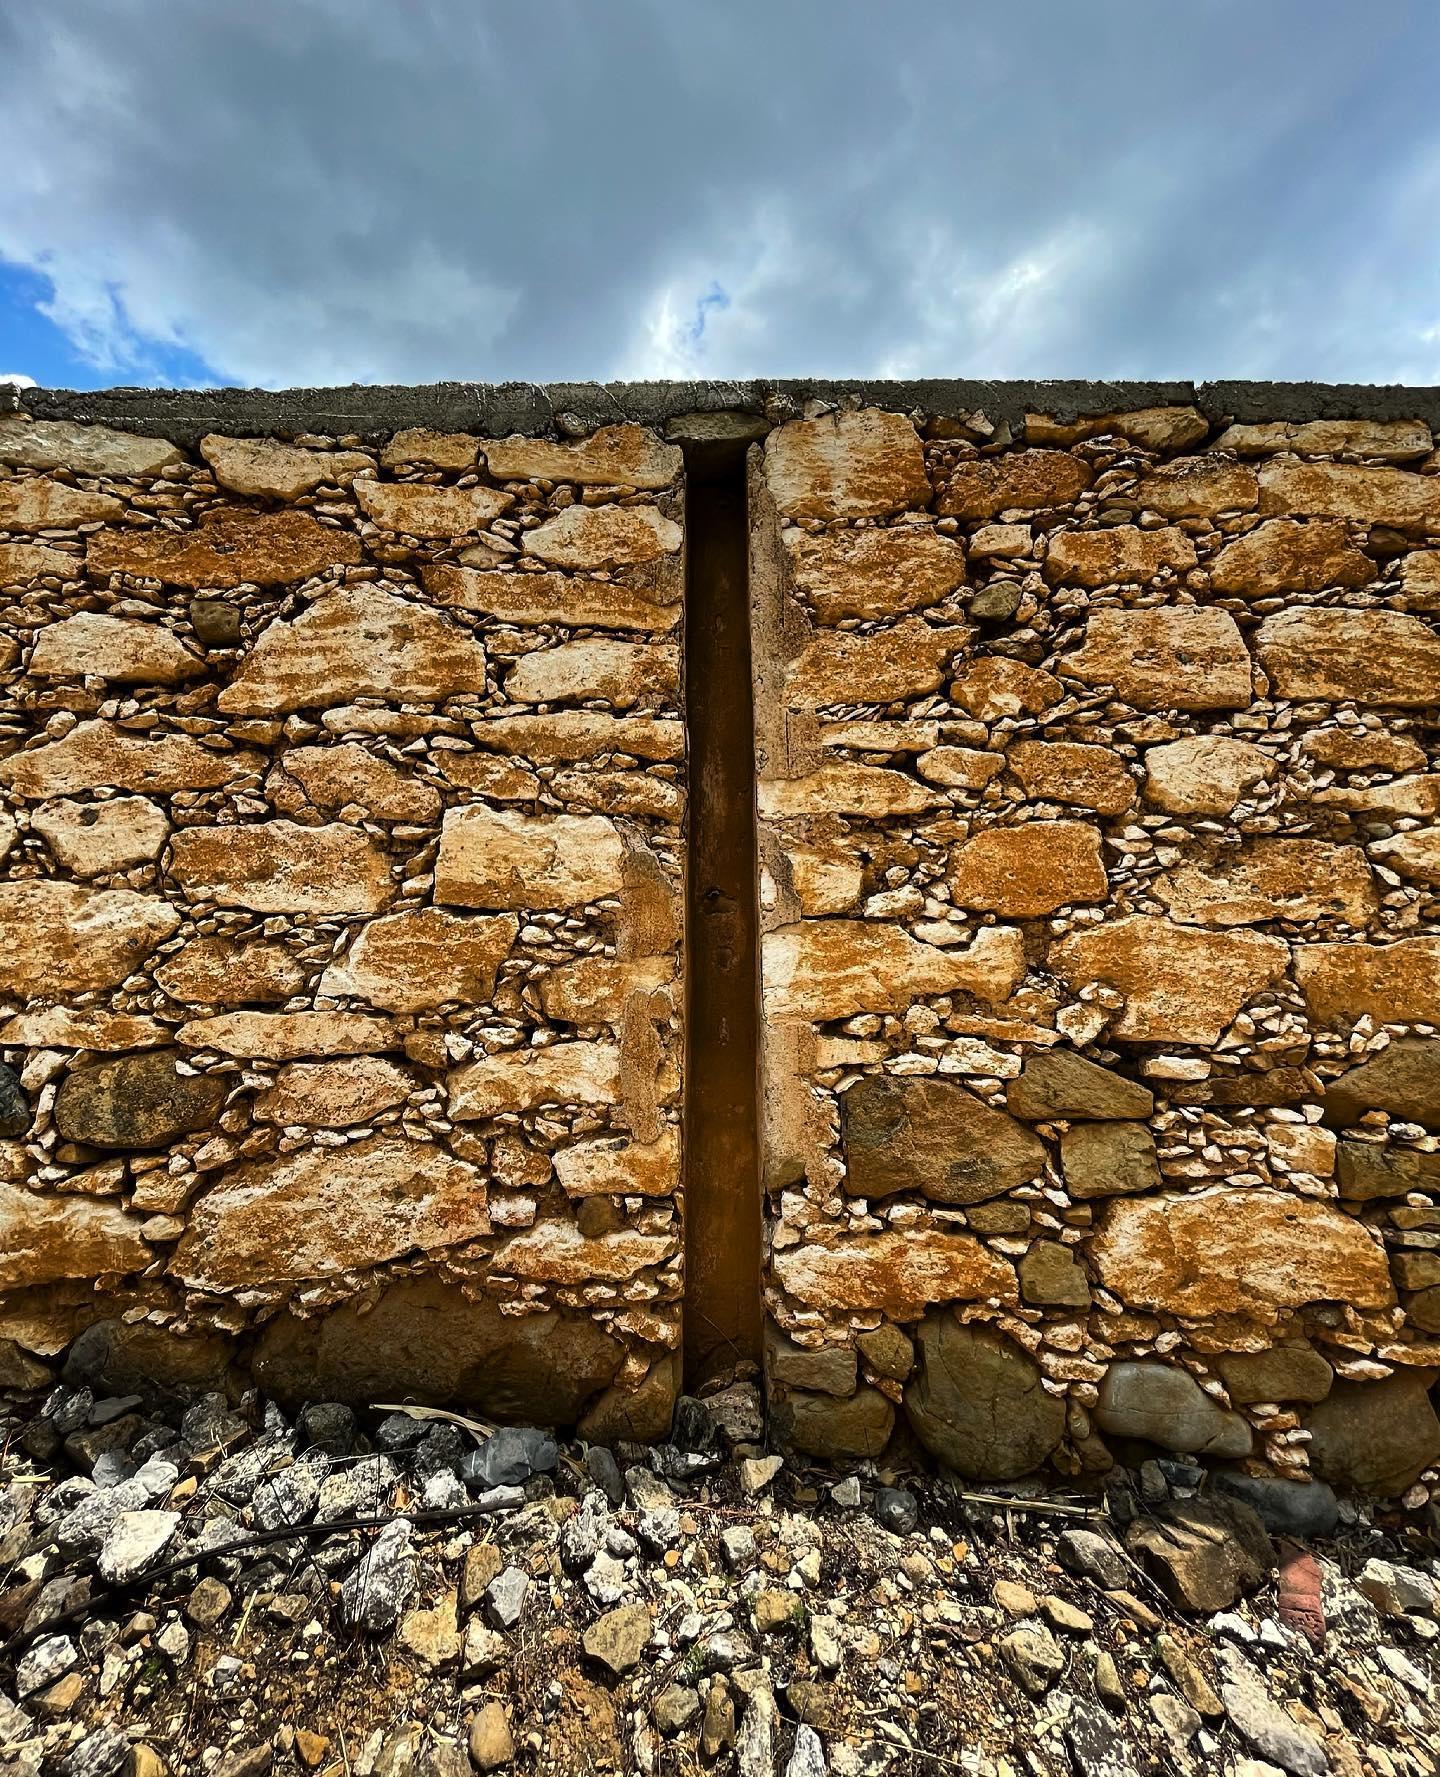 Lloradero en vivienda en el ejido de San Rafael, Coahuila de Zaragoza. Fotografía: Ricardo Ortiz Bernal, mayo del 2021.